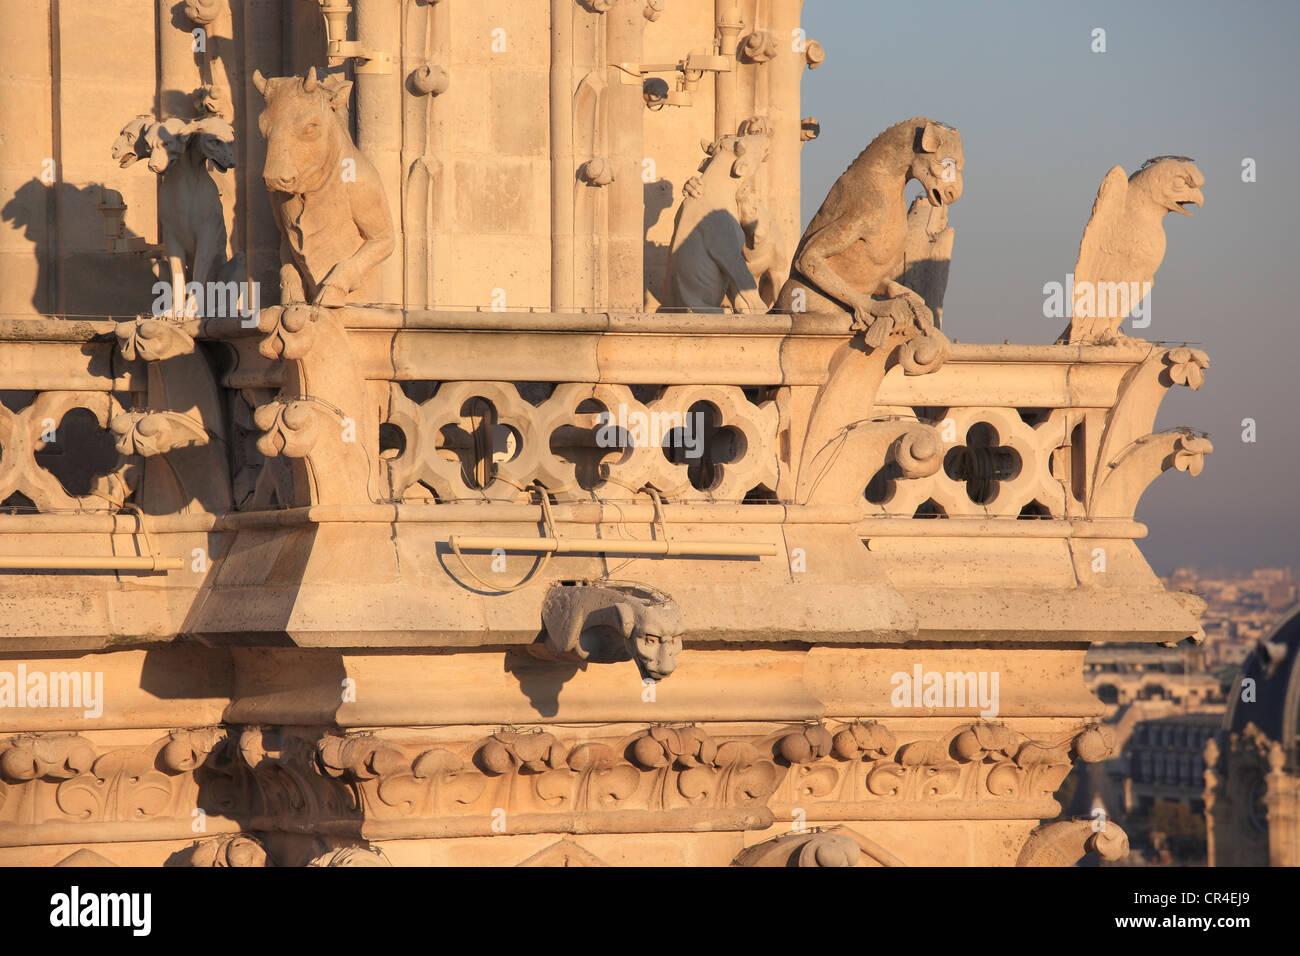 France, Paris, Ile de la Cite, Notre Dame de Paris cathedral, gargoyles on the chimeras hall - Stock Image